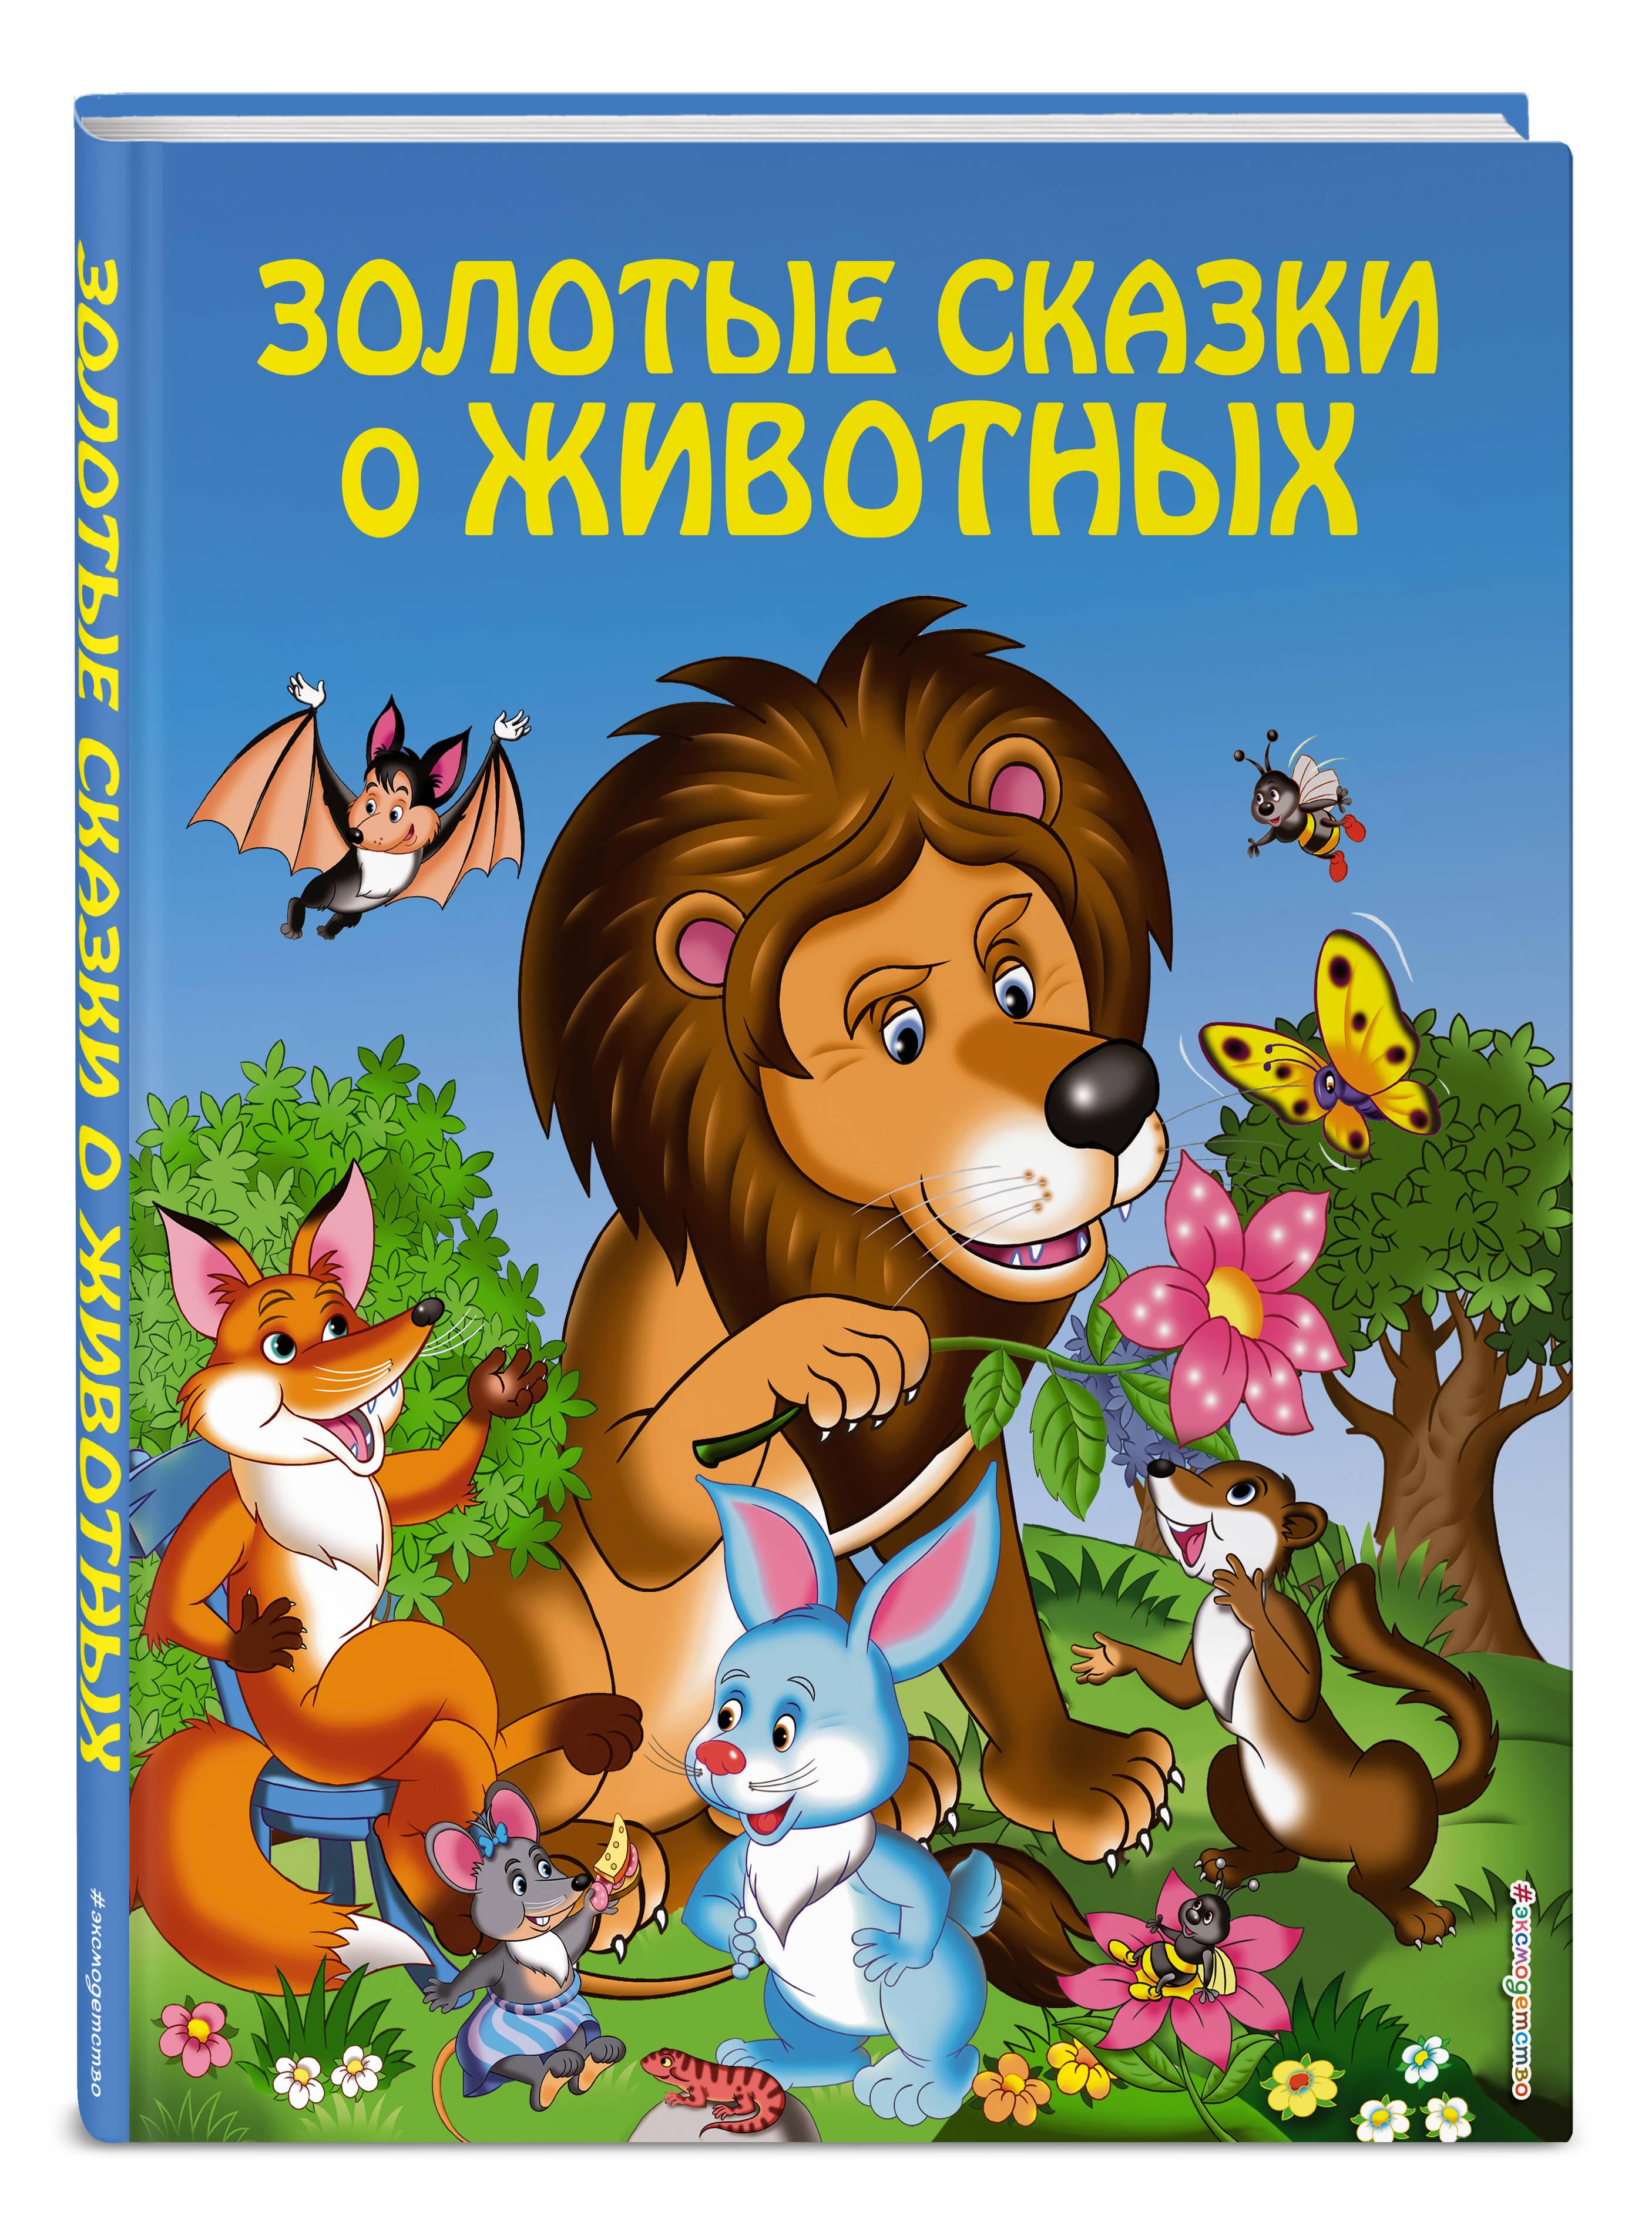 Золотые сказки о животных (ил. И. Панкова) панкова м а энциклопедия детских развлечений 6